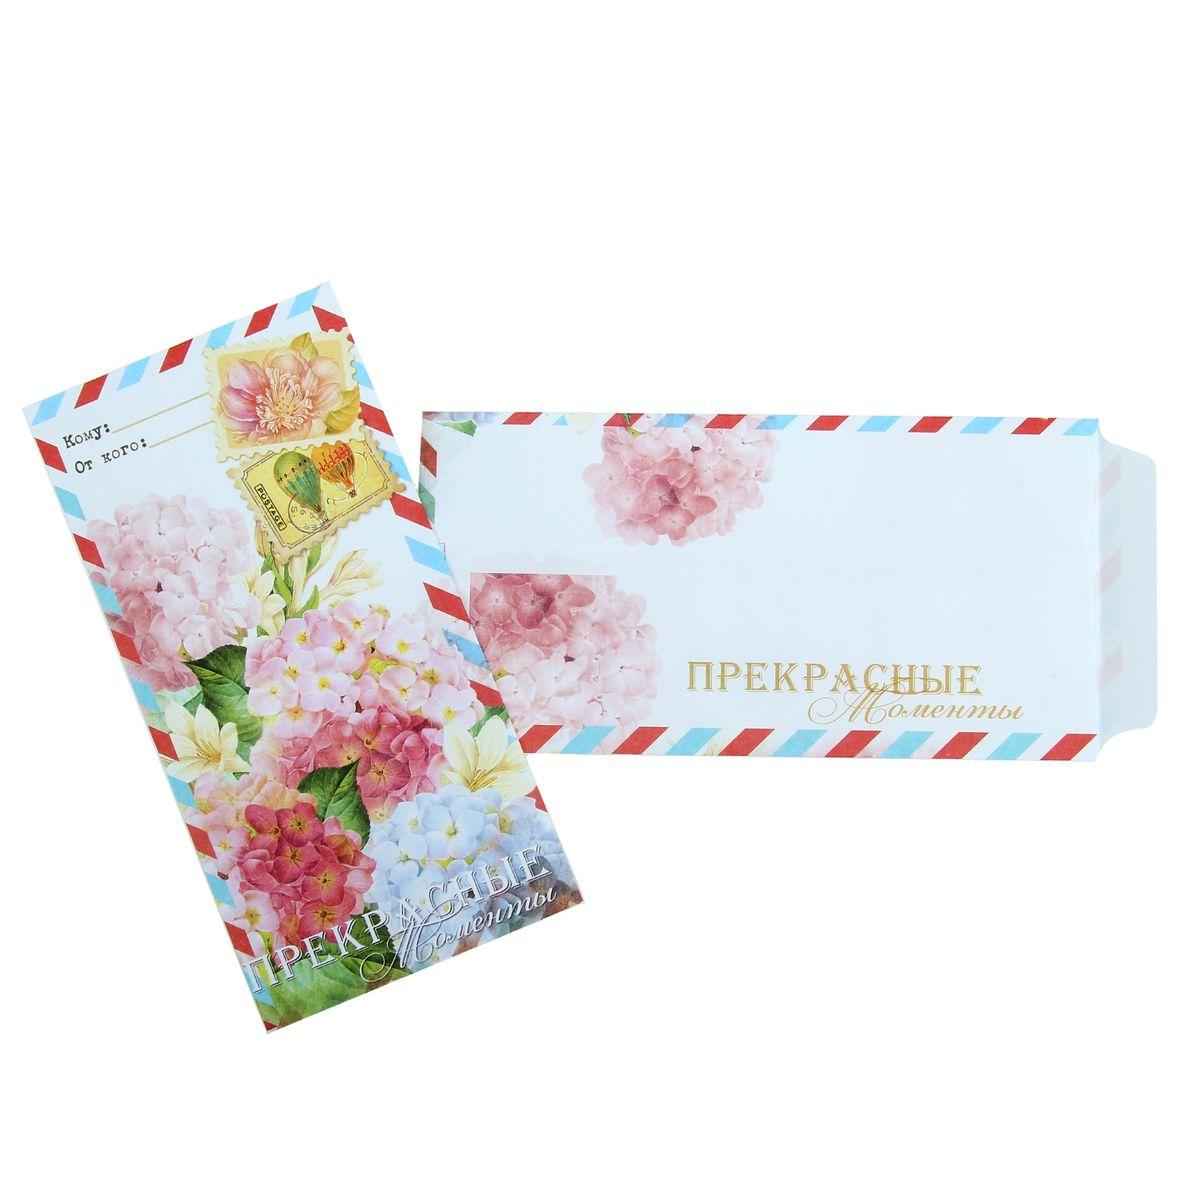 Конверт подарочный Гортензия1021085Конверт подарочный Гортензия выполнен из бумаги. Лицевая сторона украшена множеством соцветий гортензии, а также двумя нарисованными марками и надписью Прекрасные моменты. Такой конверт прекрасно подойдет для оформления подарка.